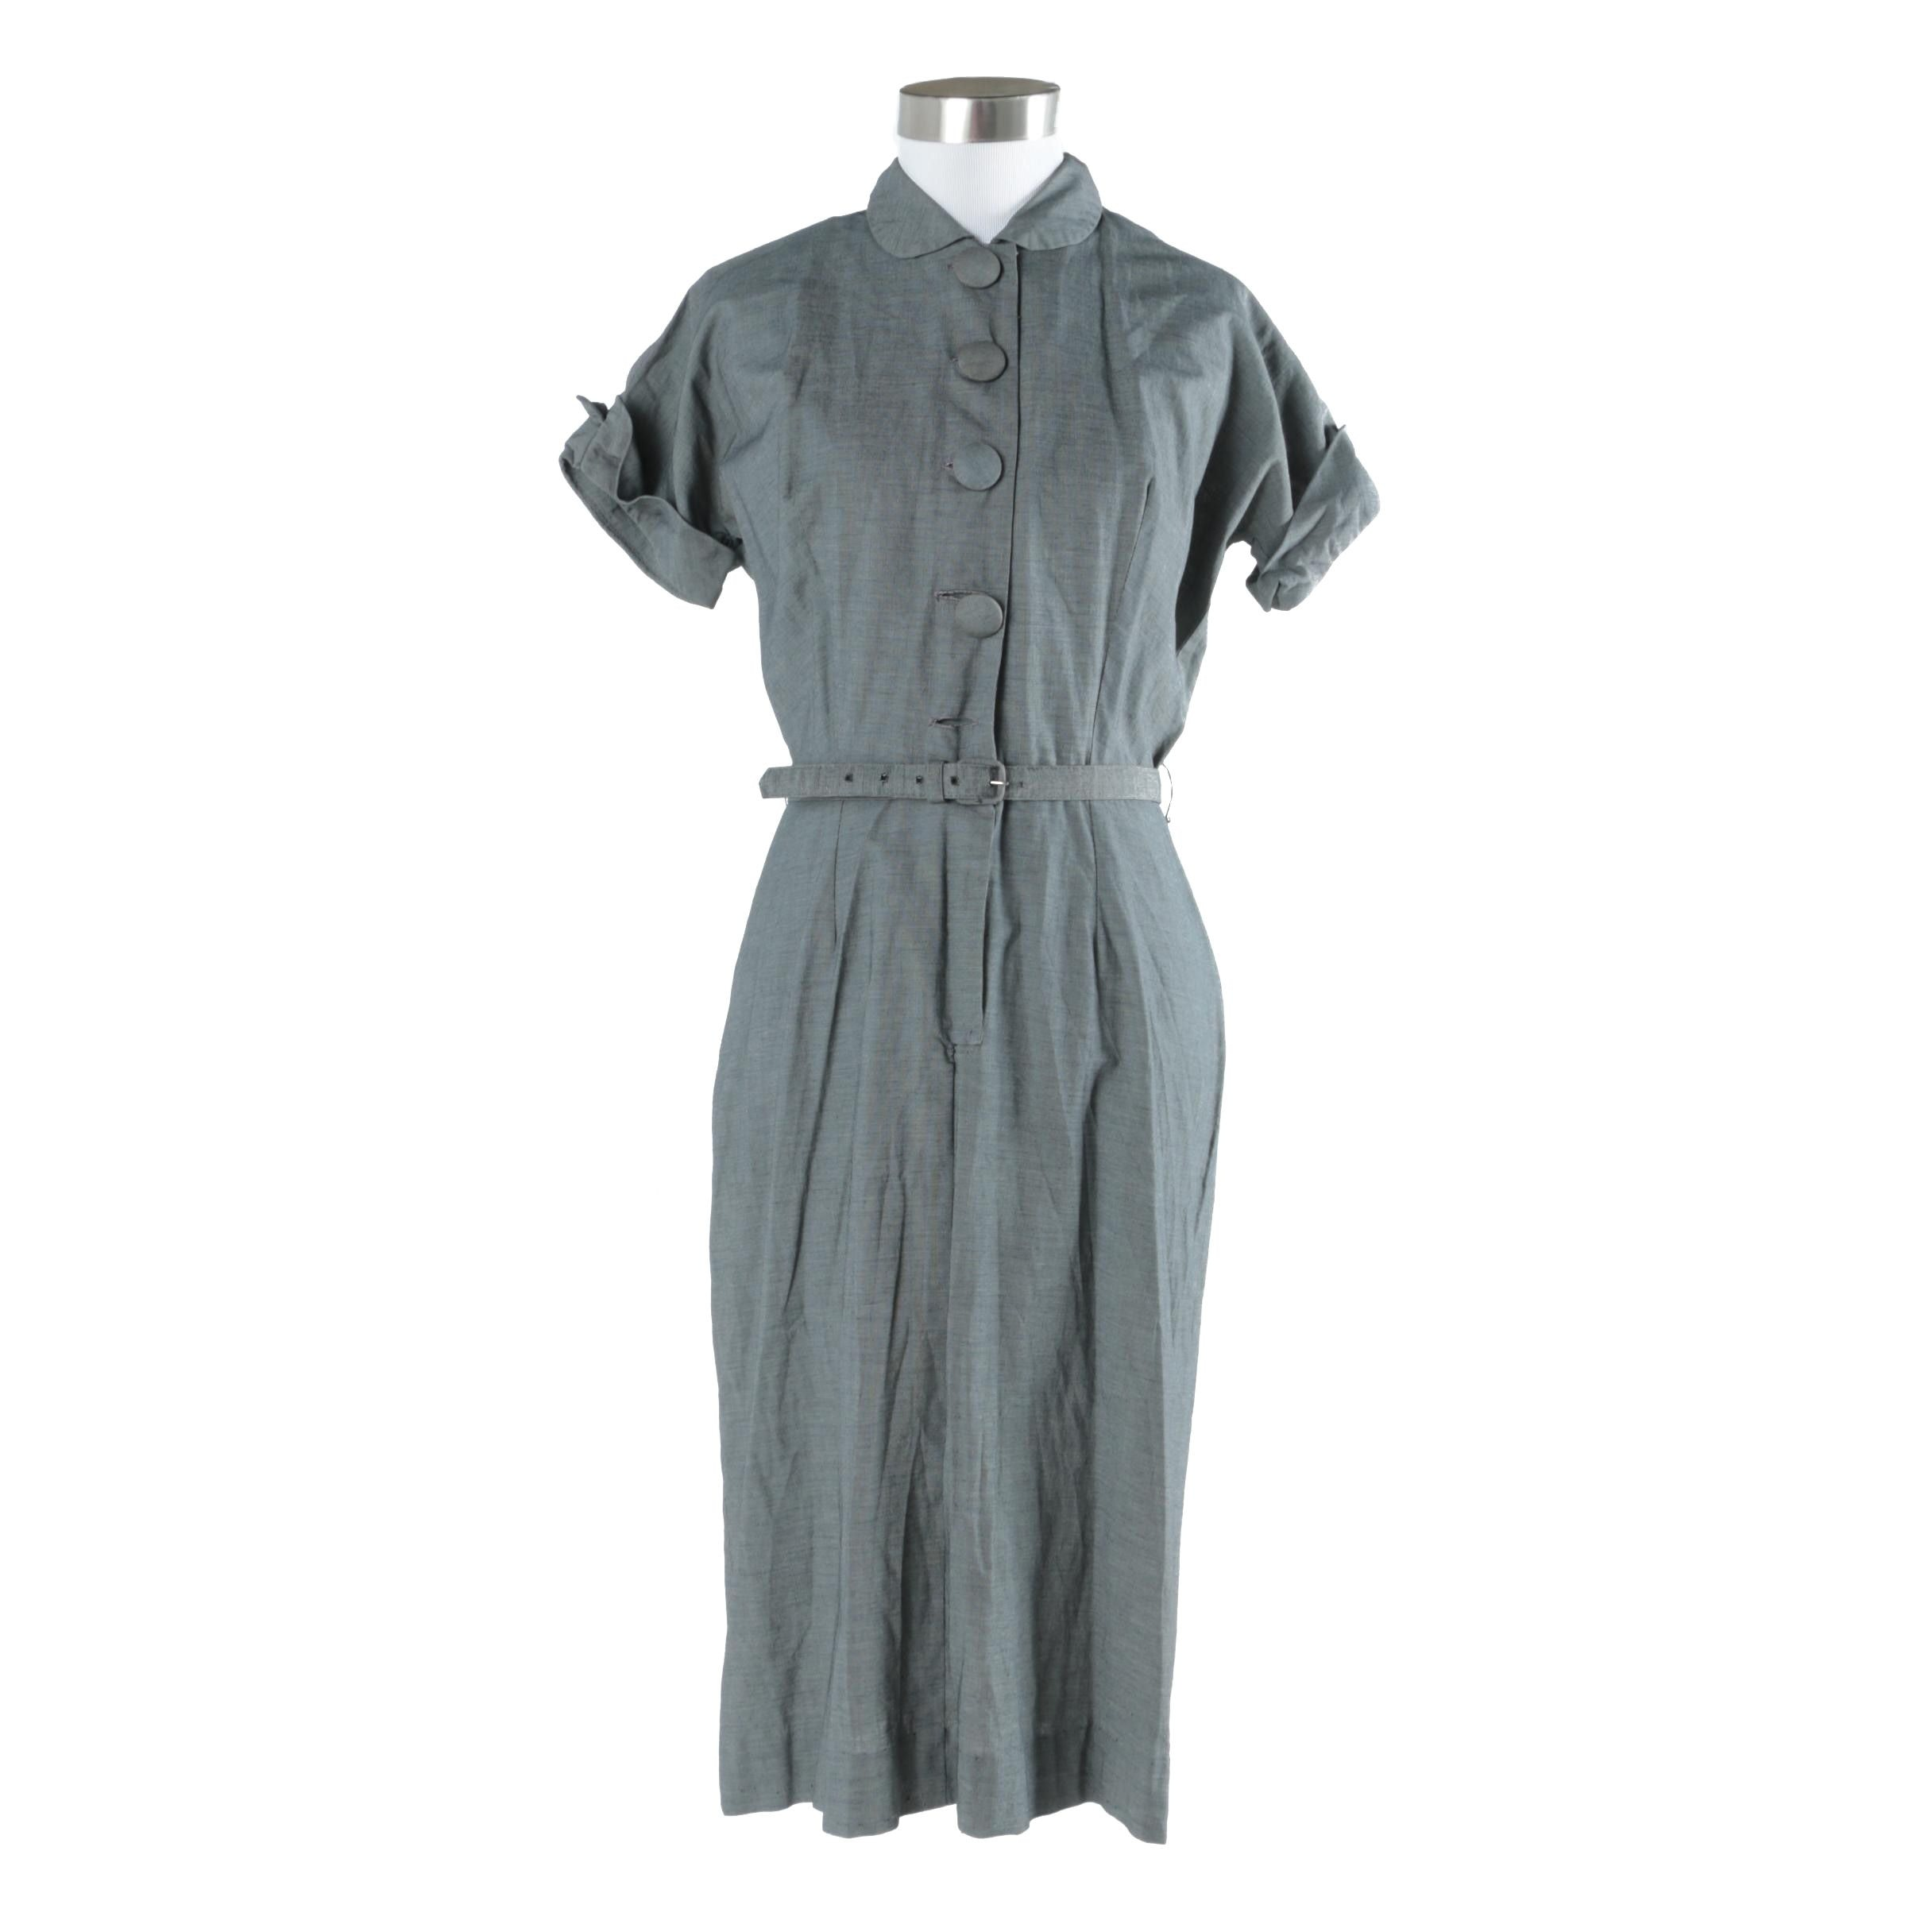 Women's Vintage Shirtwaist Dress